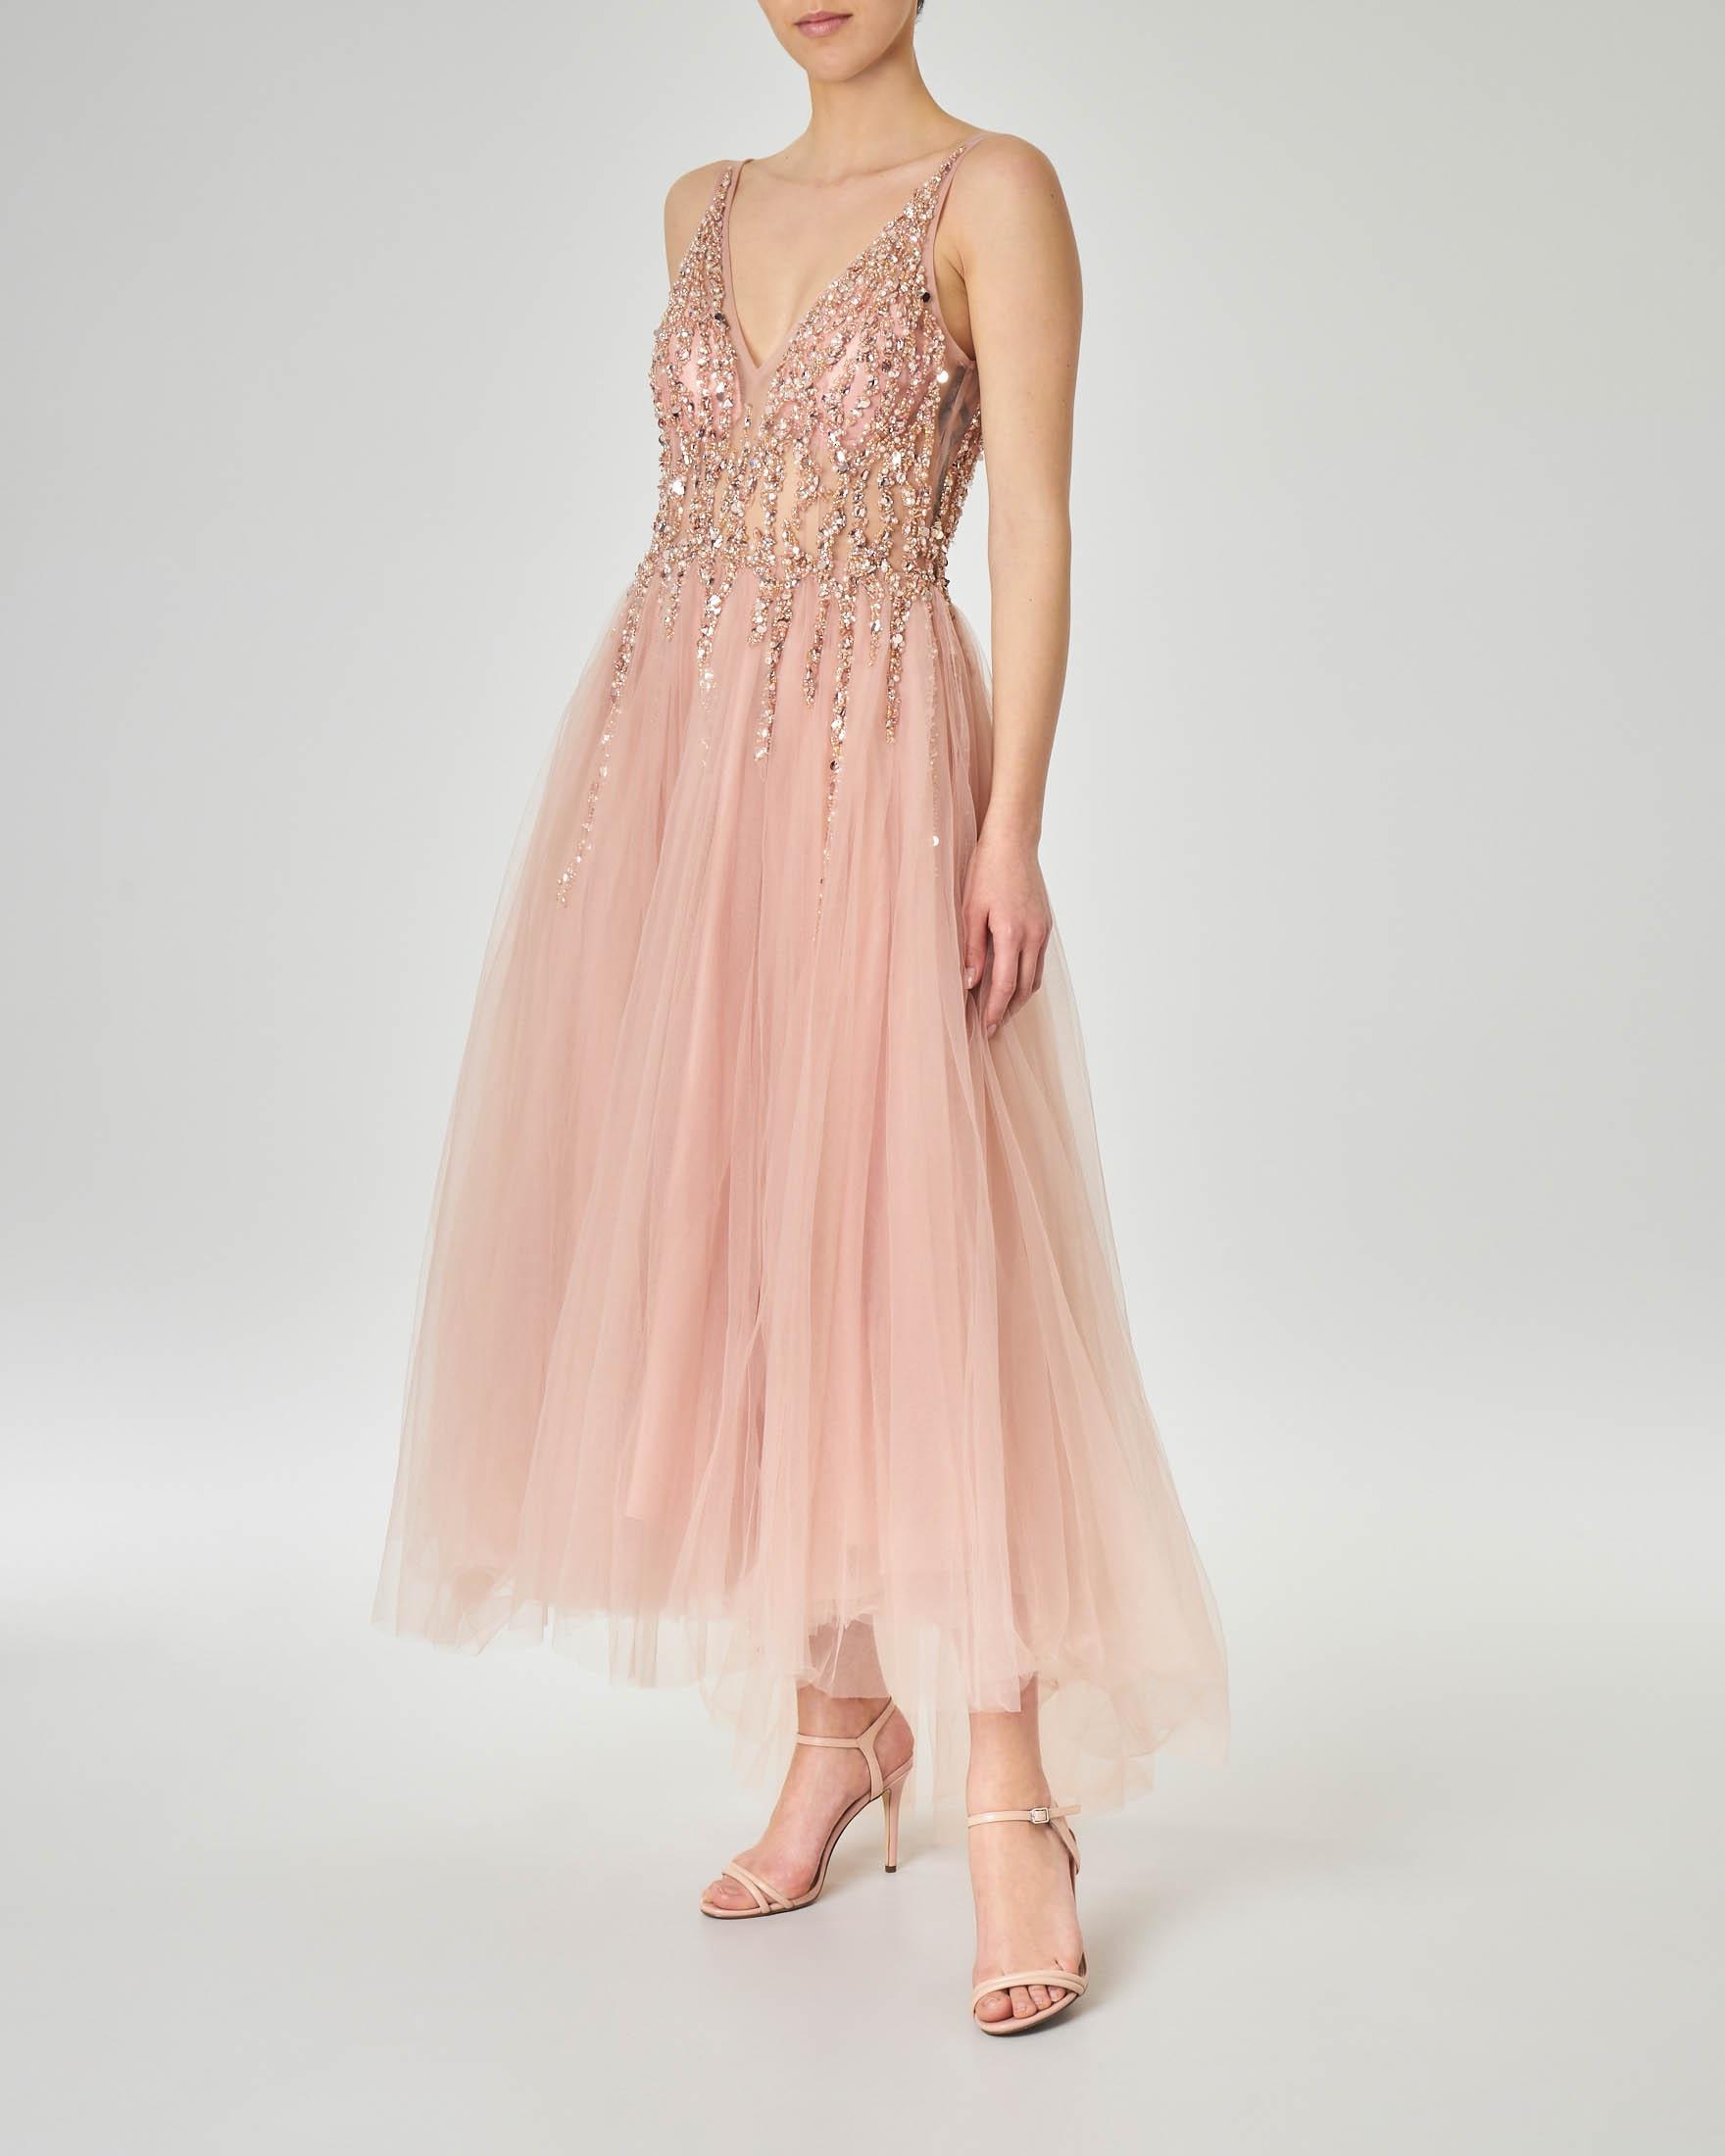 Vestiti Eleganti Rosa Antico.Abito Midi Rosa Antico Con Gonna In Tulle Con Coda E Corpetto Con Strass E Perline Applicate